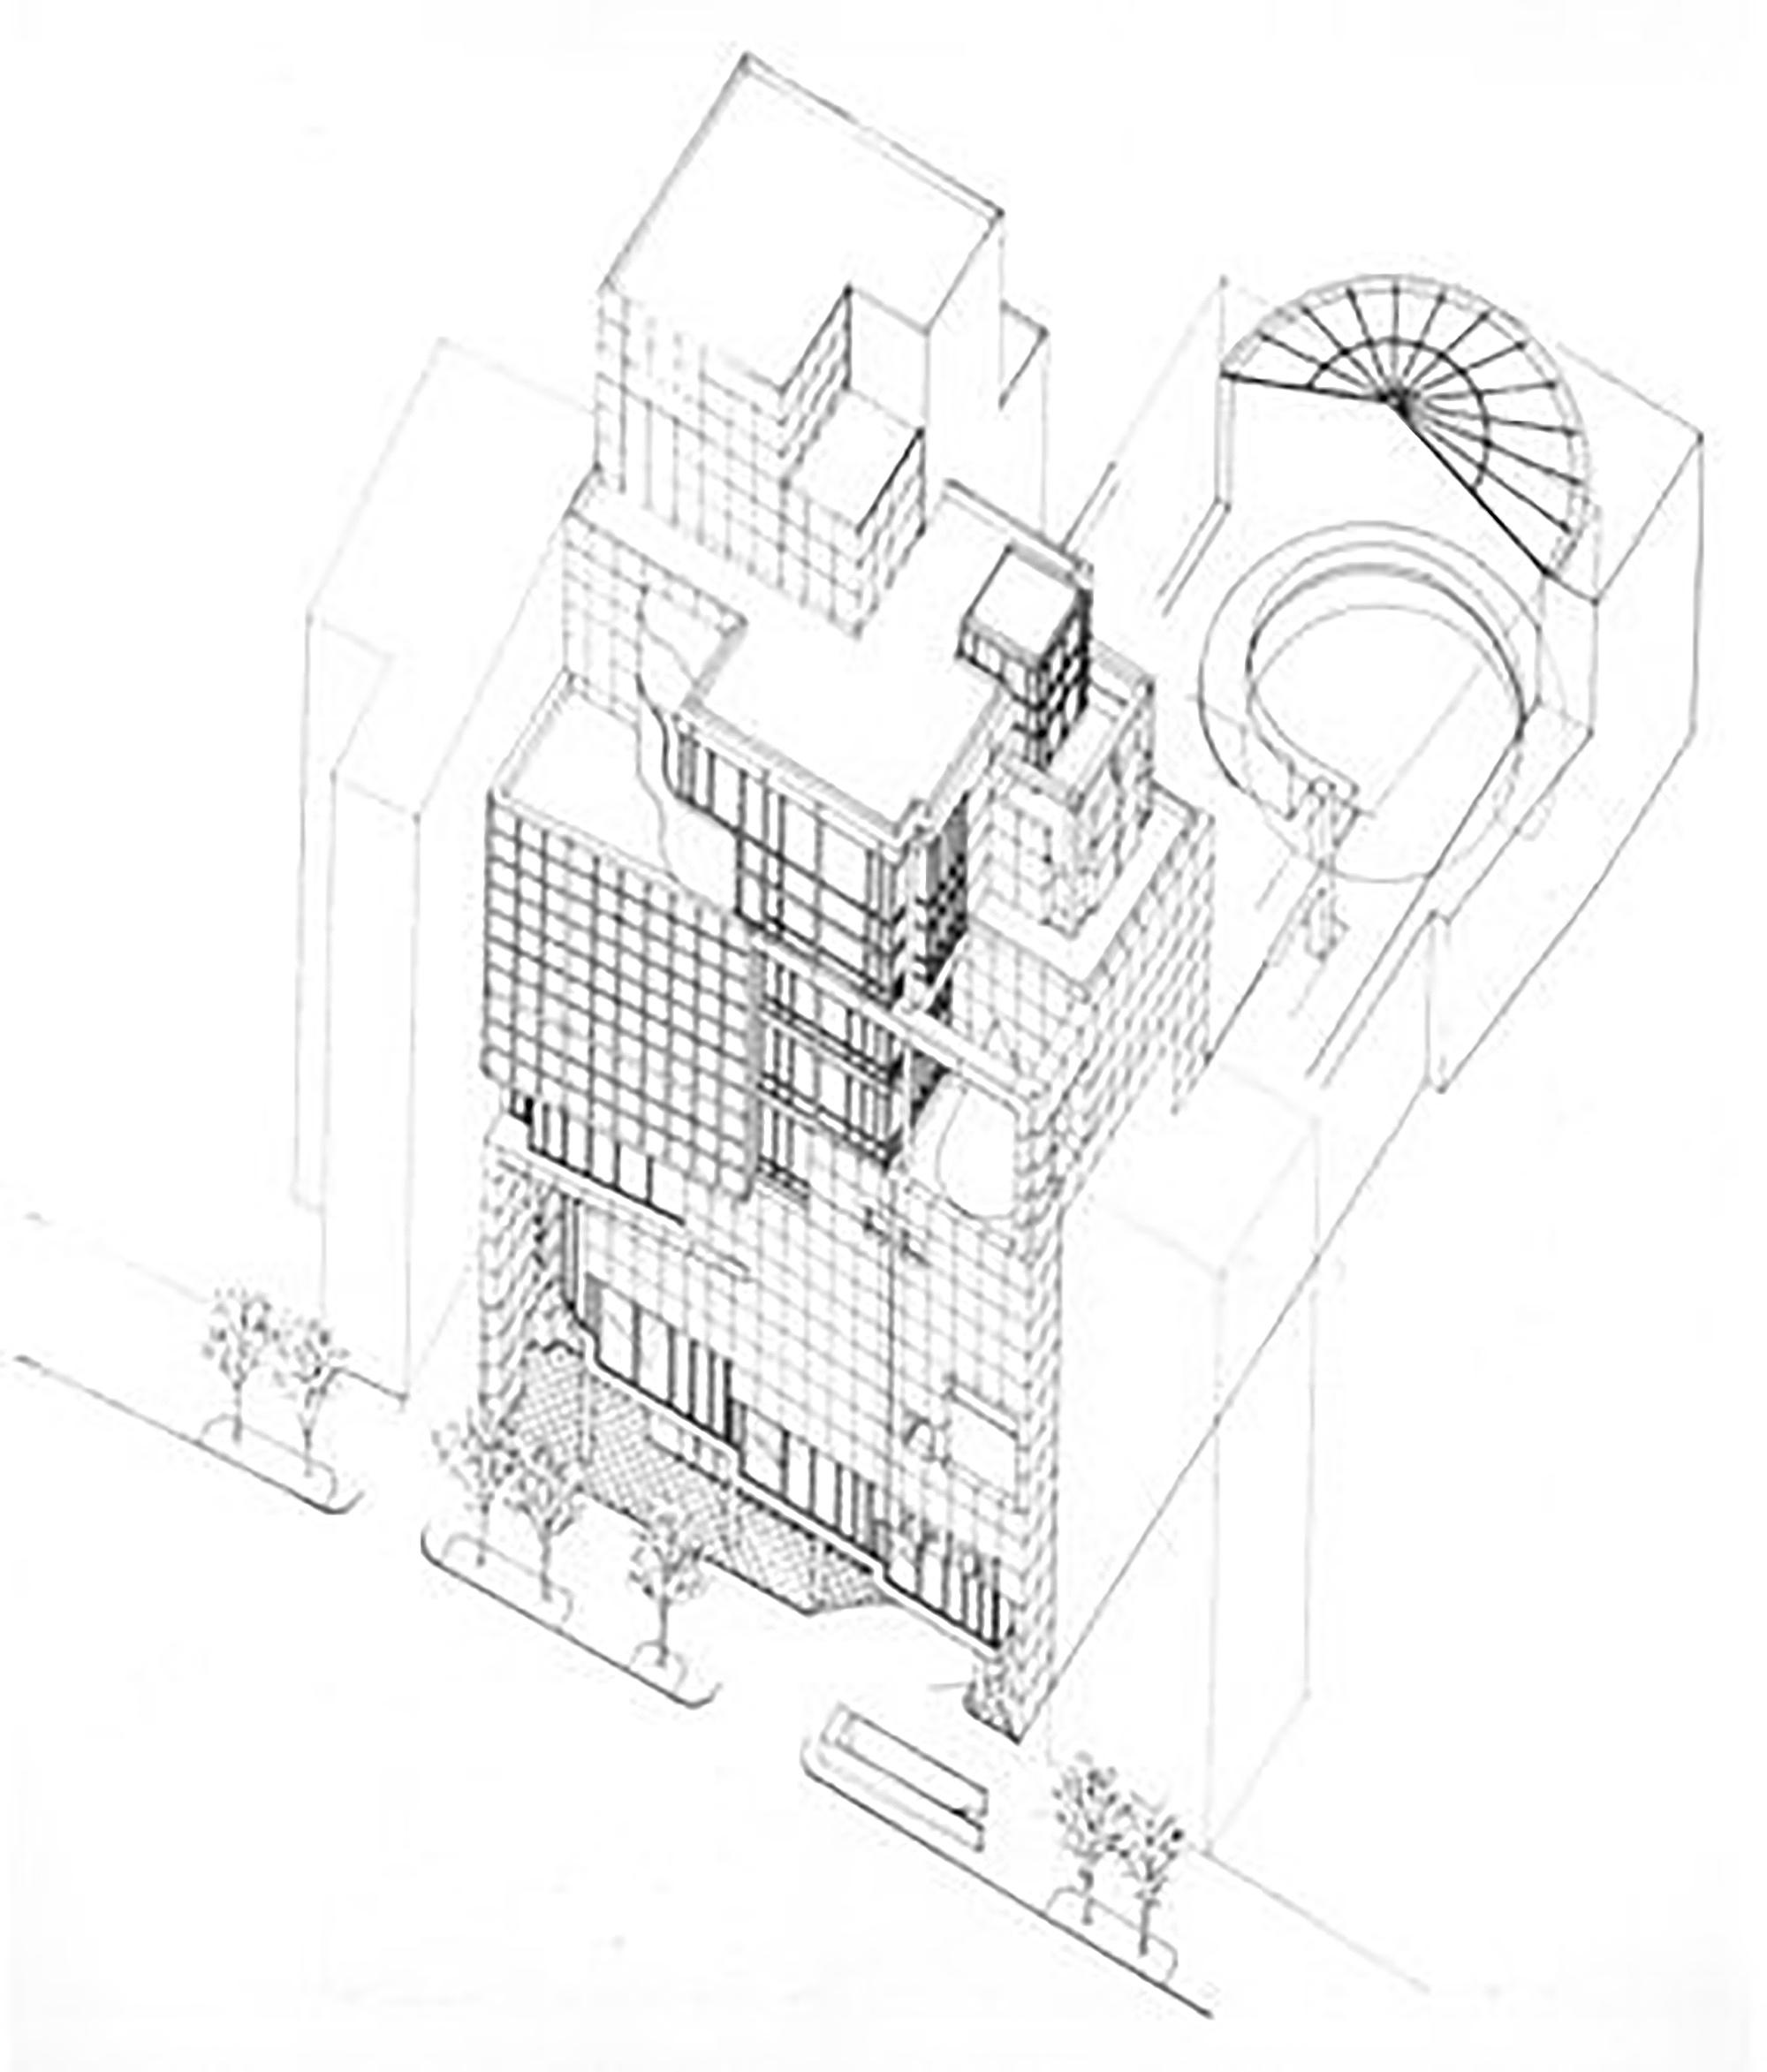 Axo Architecture Tokyo